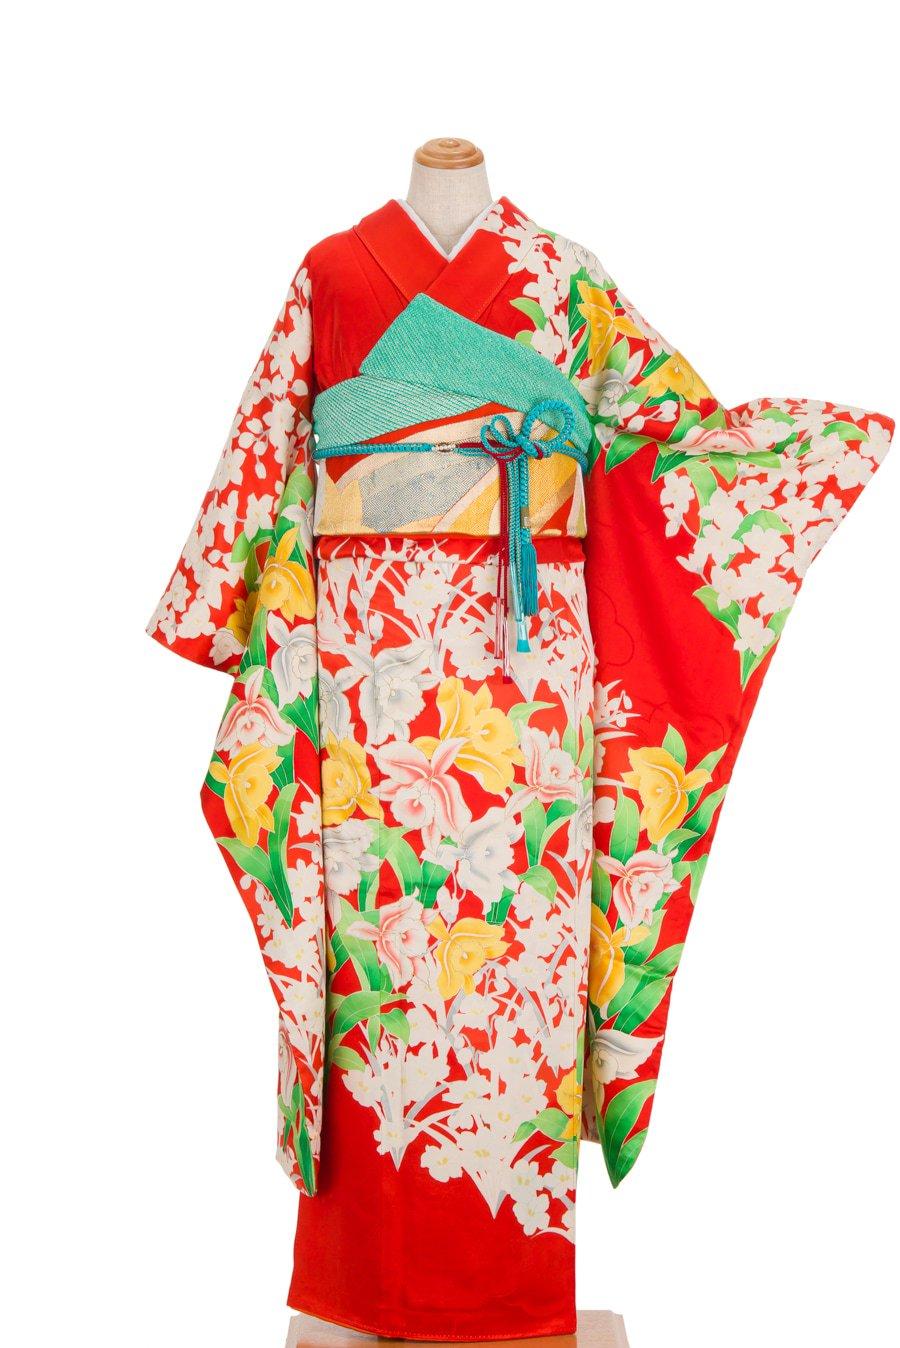 「振袖 洋花 蘭」の商品画像